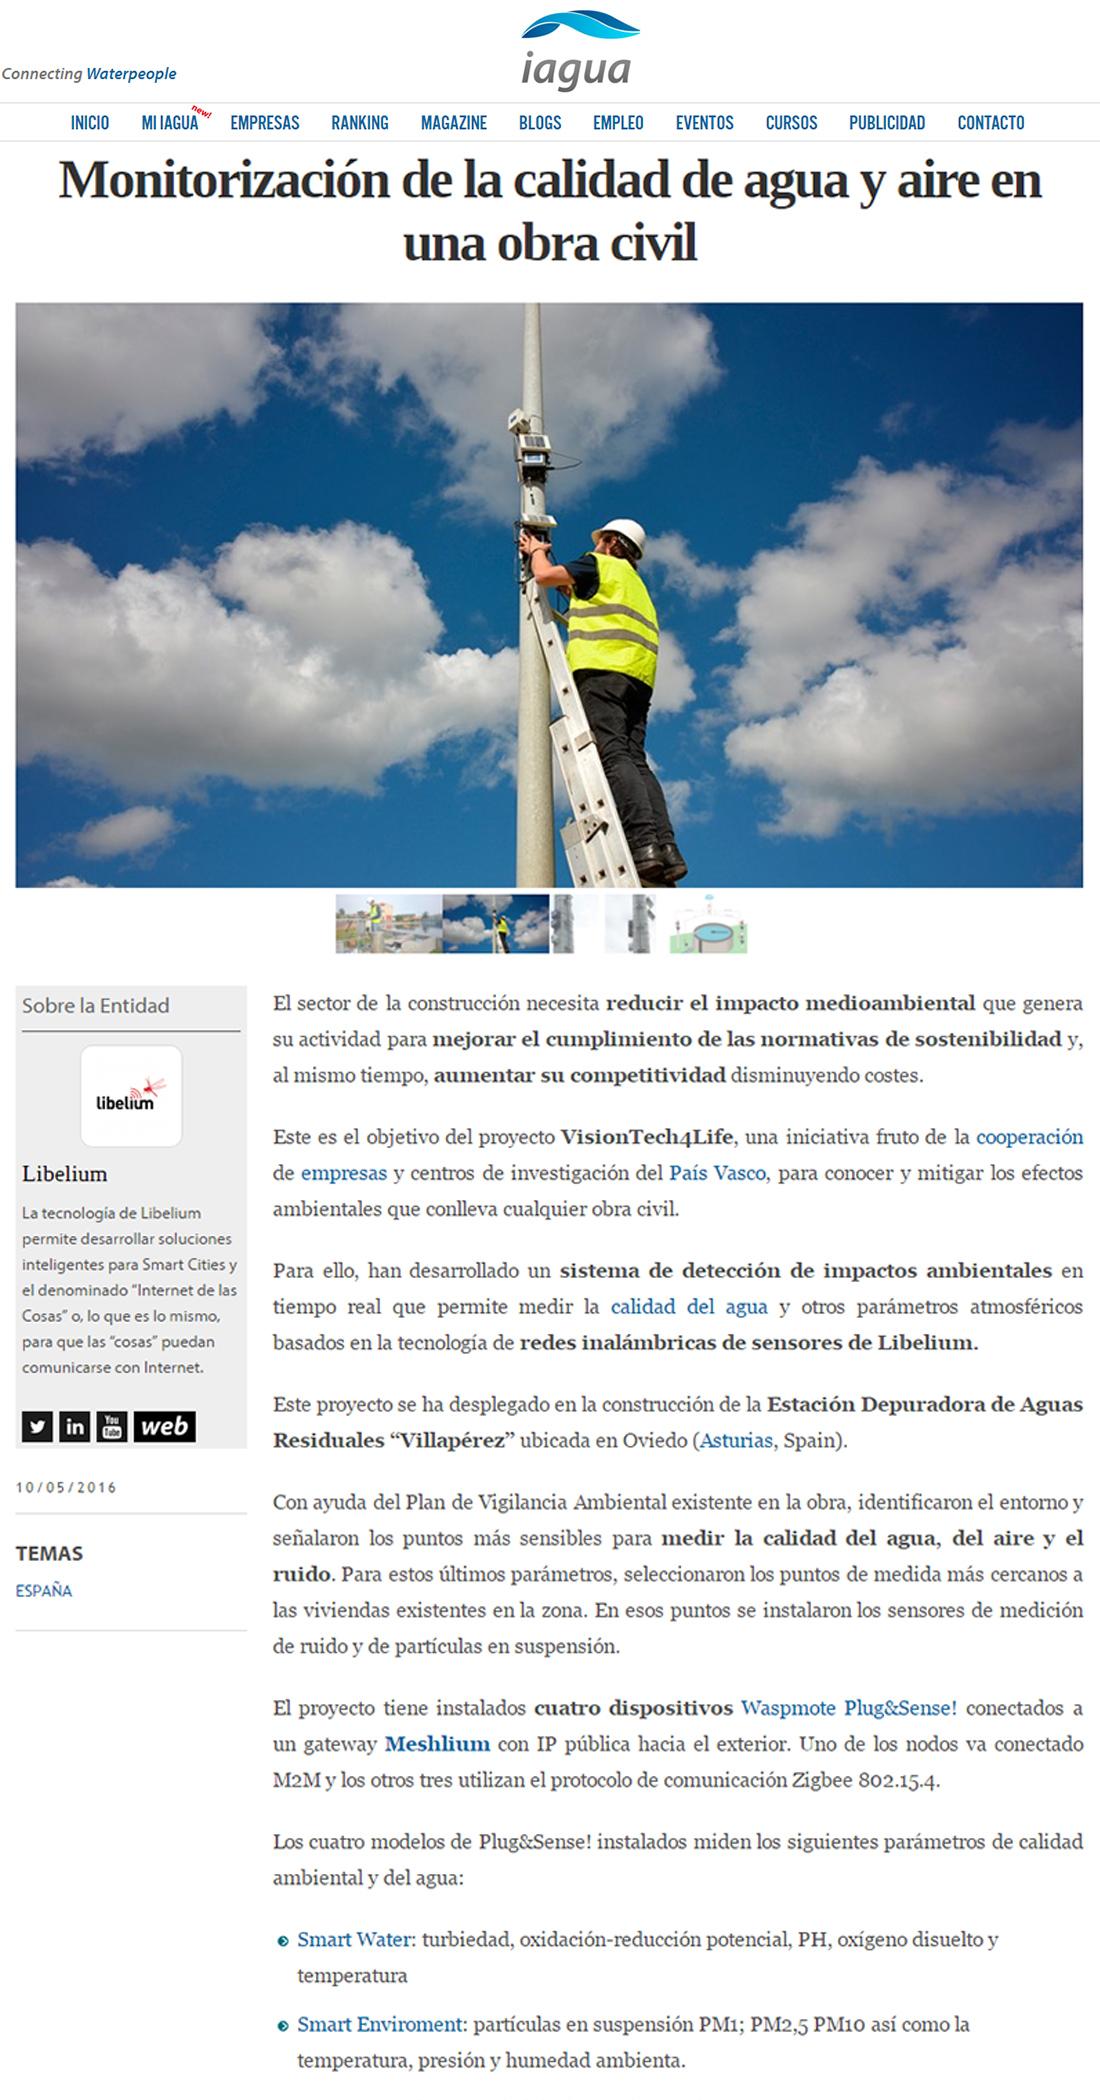 Iagua.es – Monitorización de la calidad de agua y aire en una obra civil